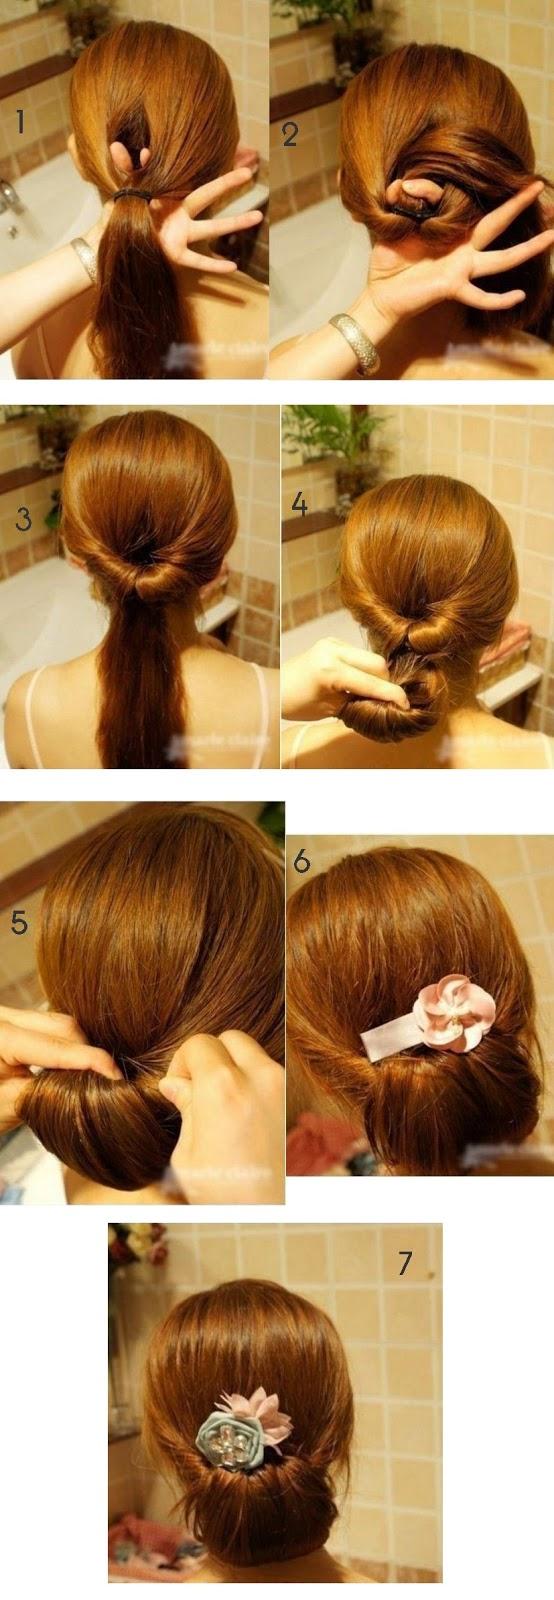 Peinados de fiesta para sorprender no es m s de lo mismo - Tutorial de peinados ...